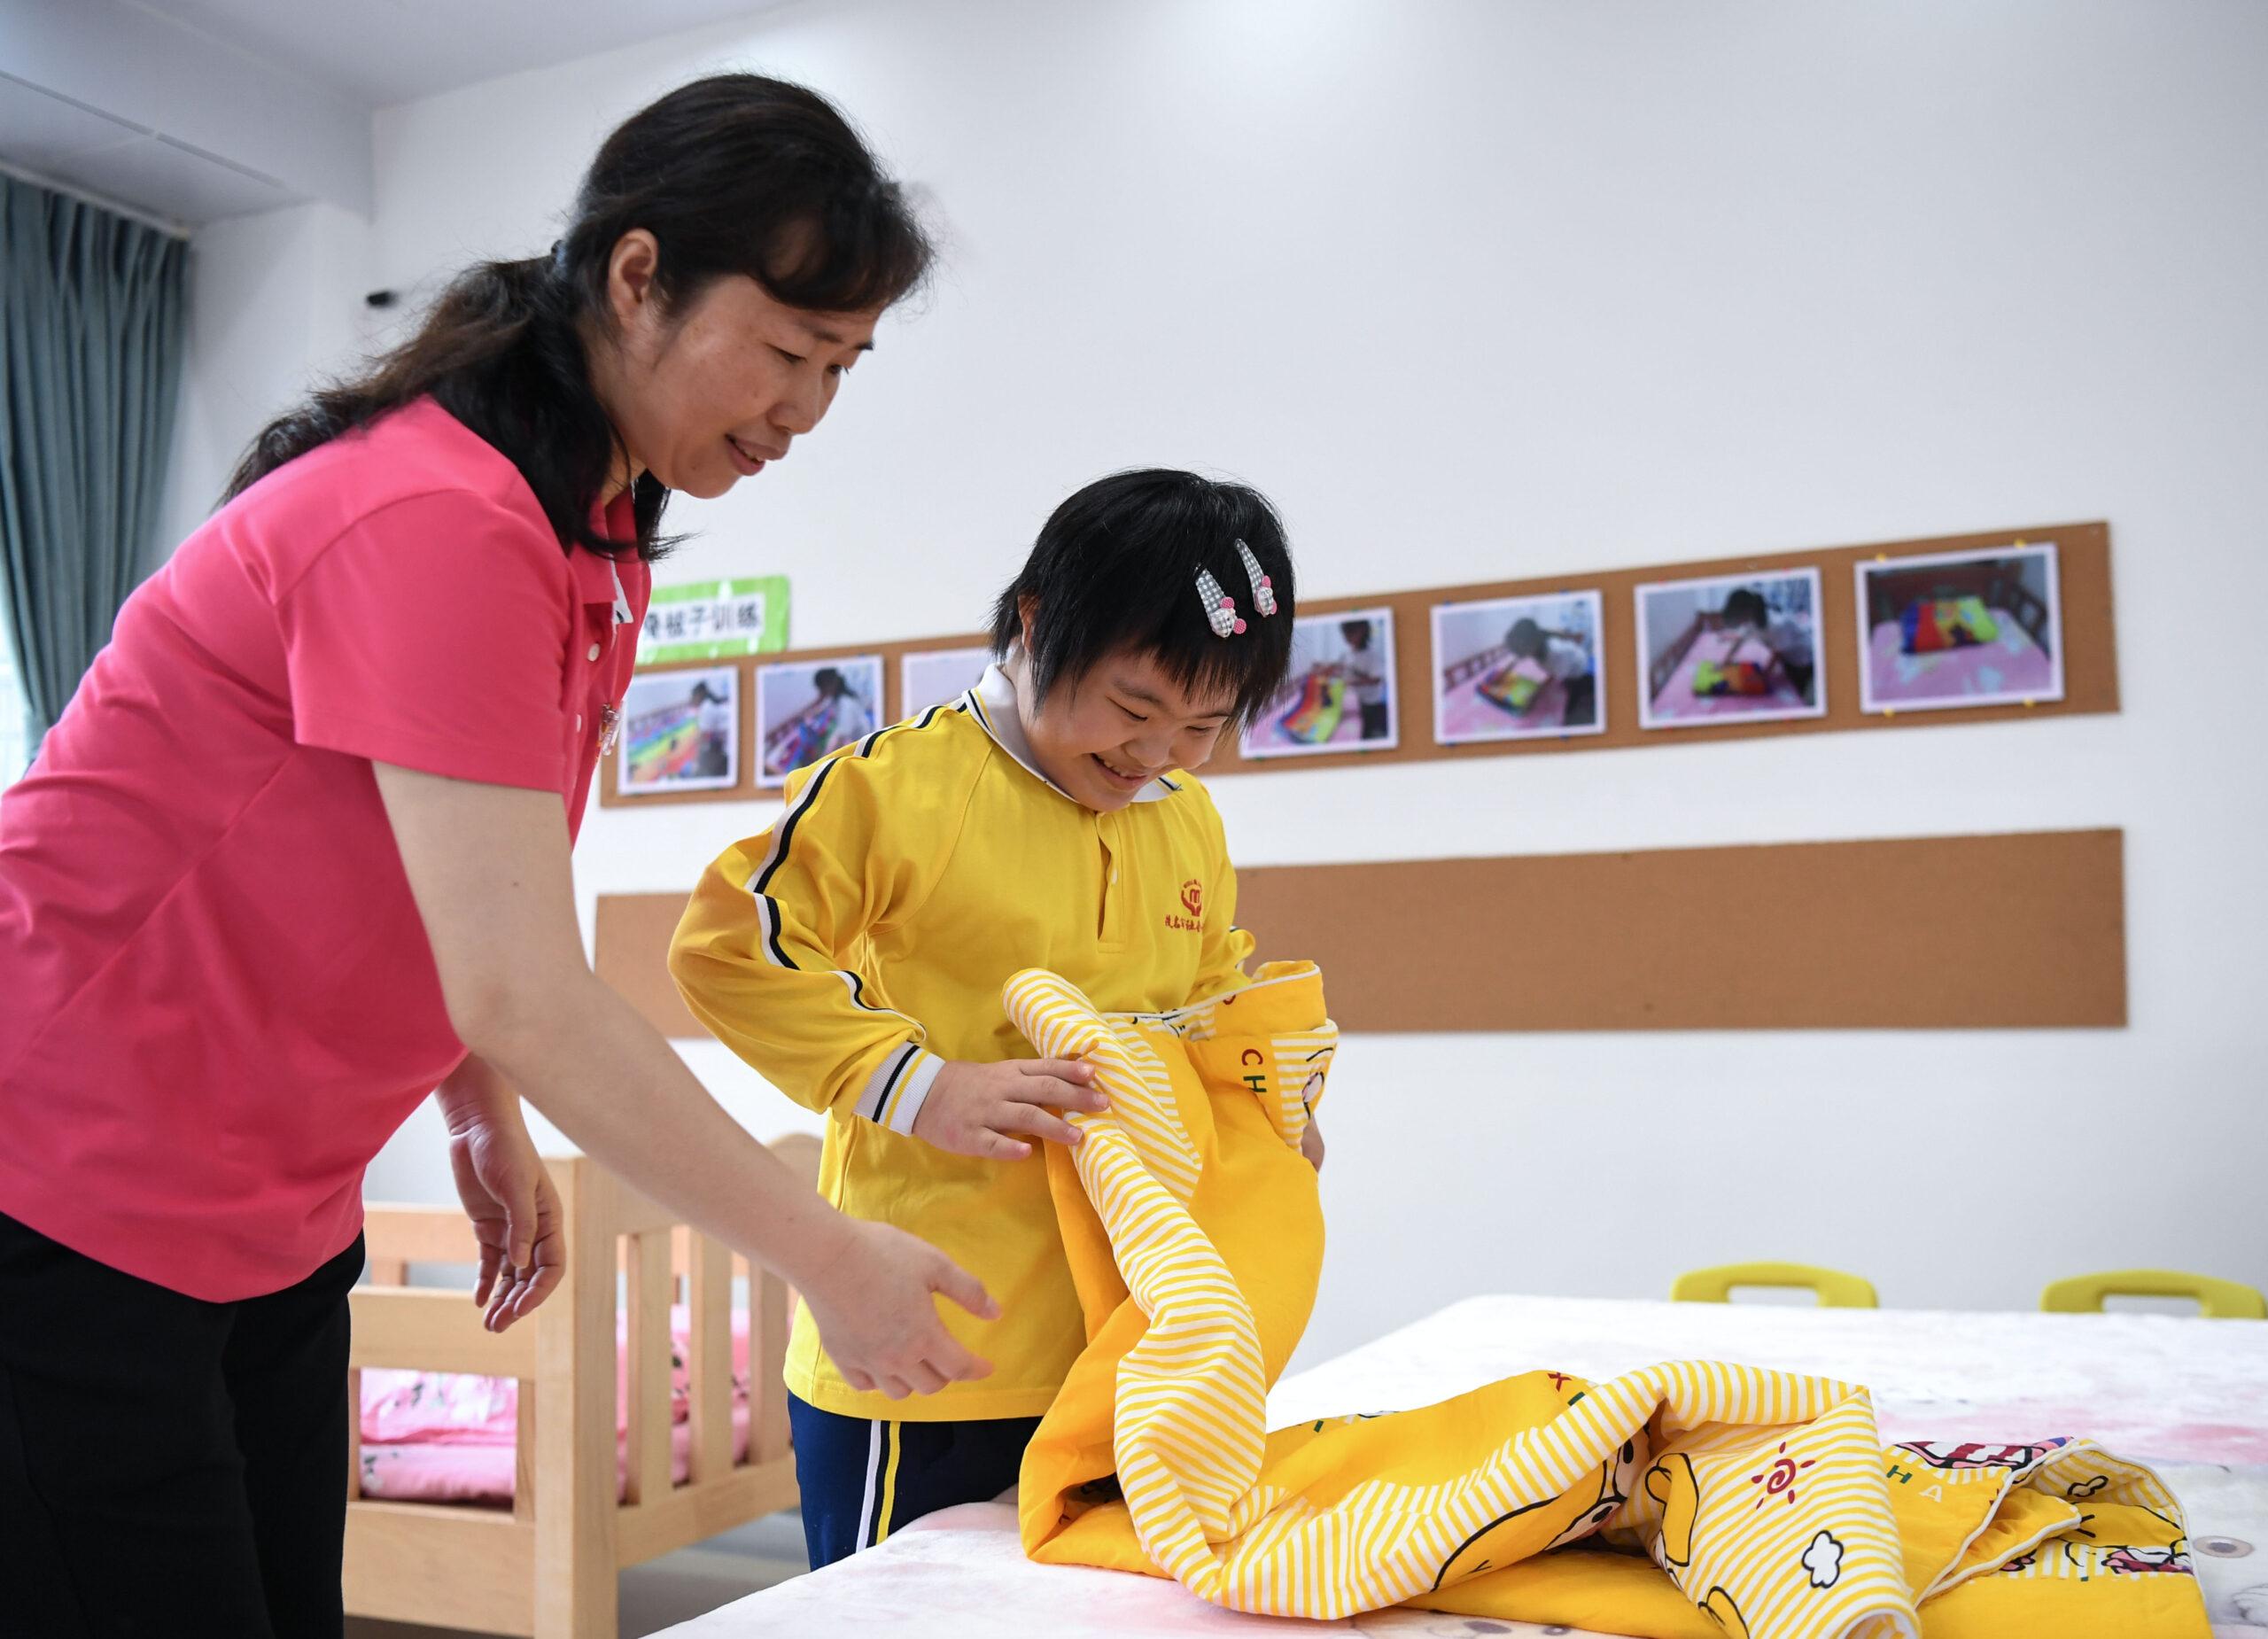 จีนจ่อปรับโครงสร้าง 'บริการสวัสดิการเด็ก' มุ่งคุ้มครองผู้เยาว์